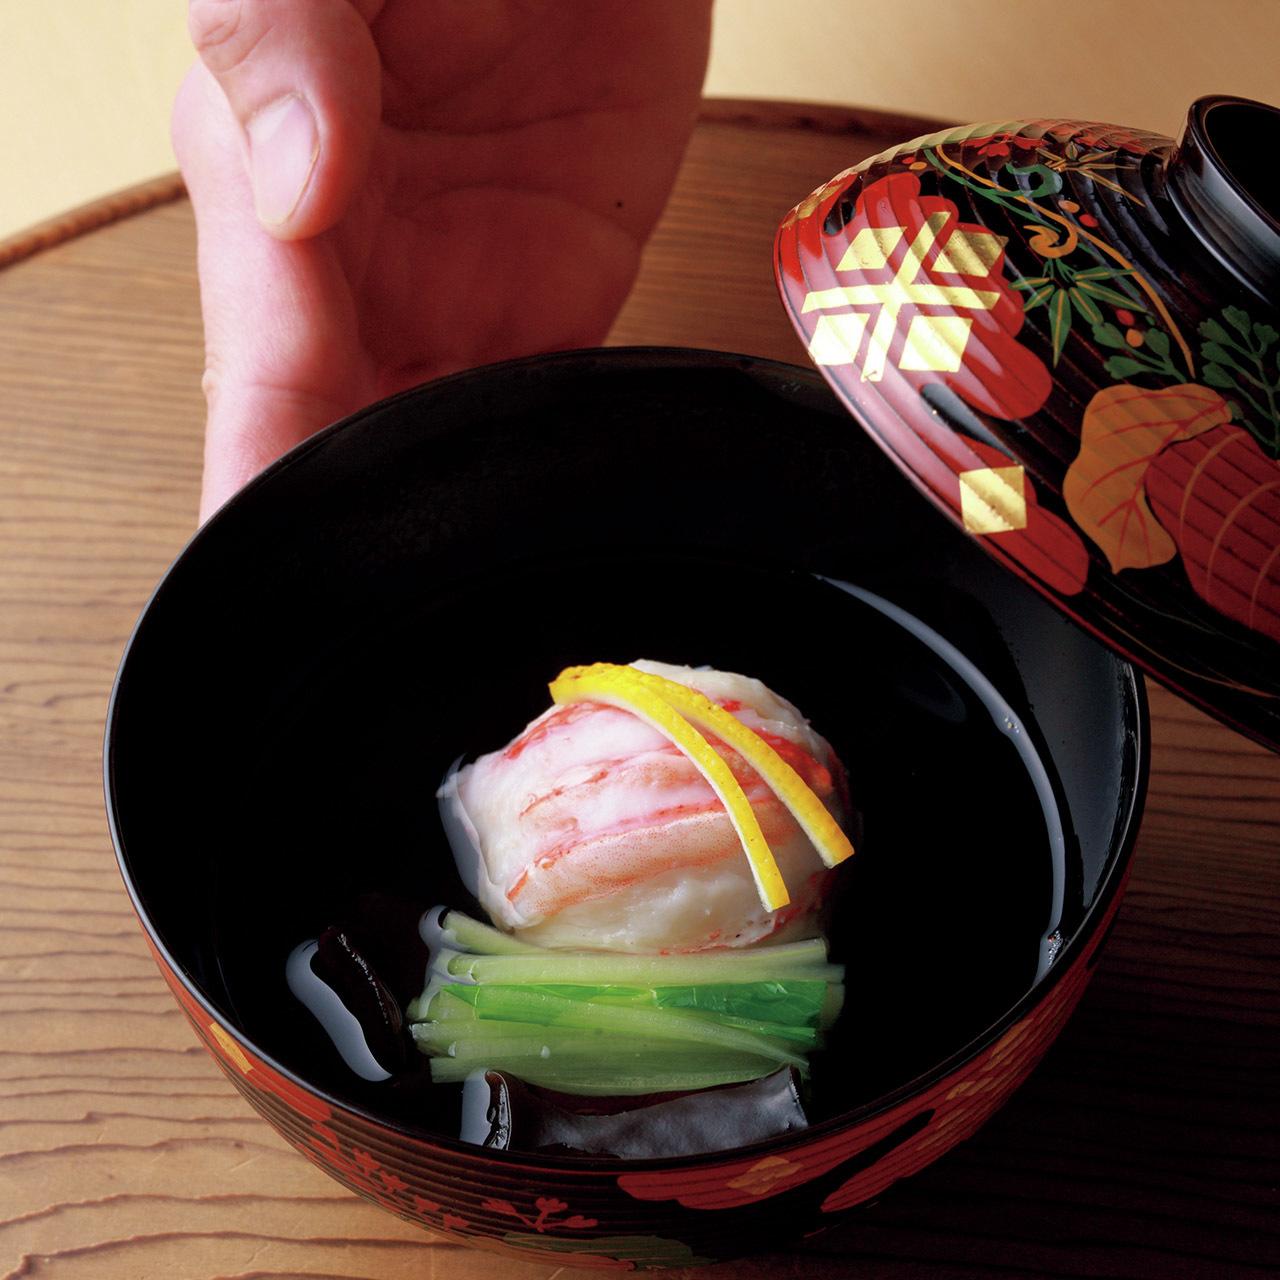 京の冬の美味。松葉ガニ&すっぽん料理の名店 五選_1_1-1